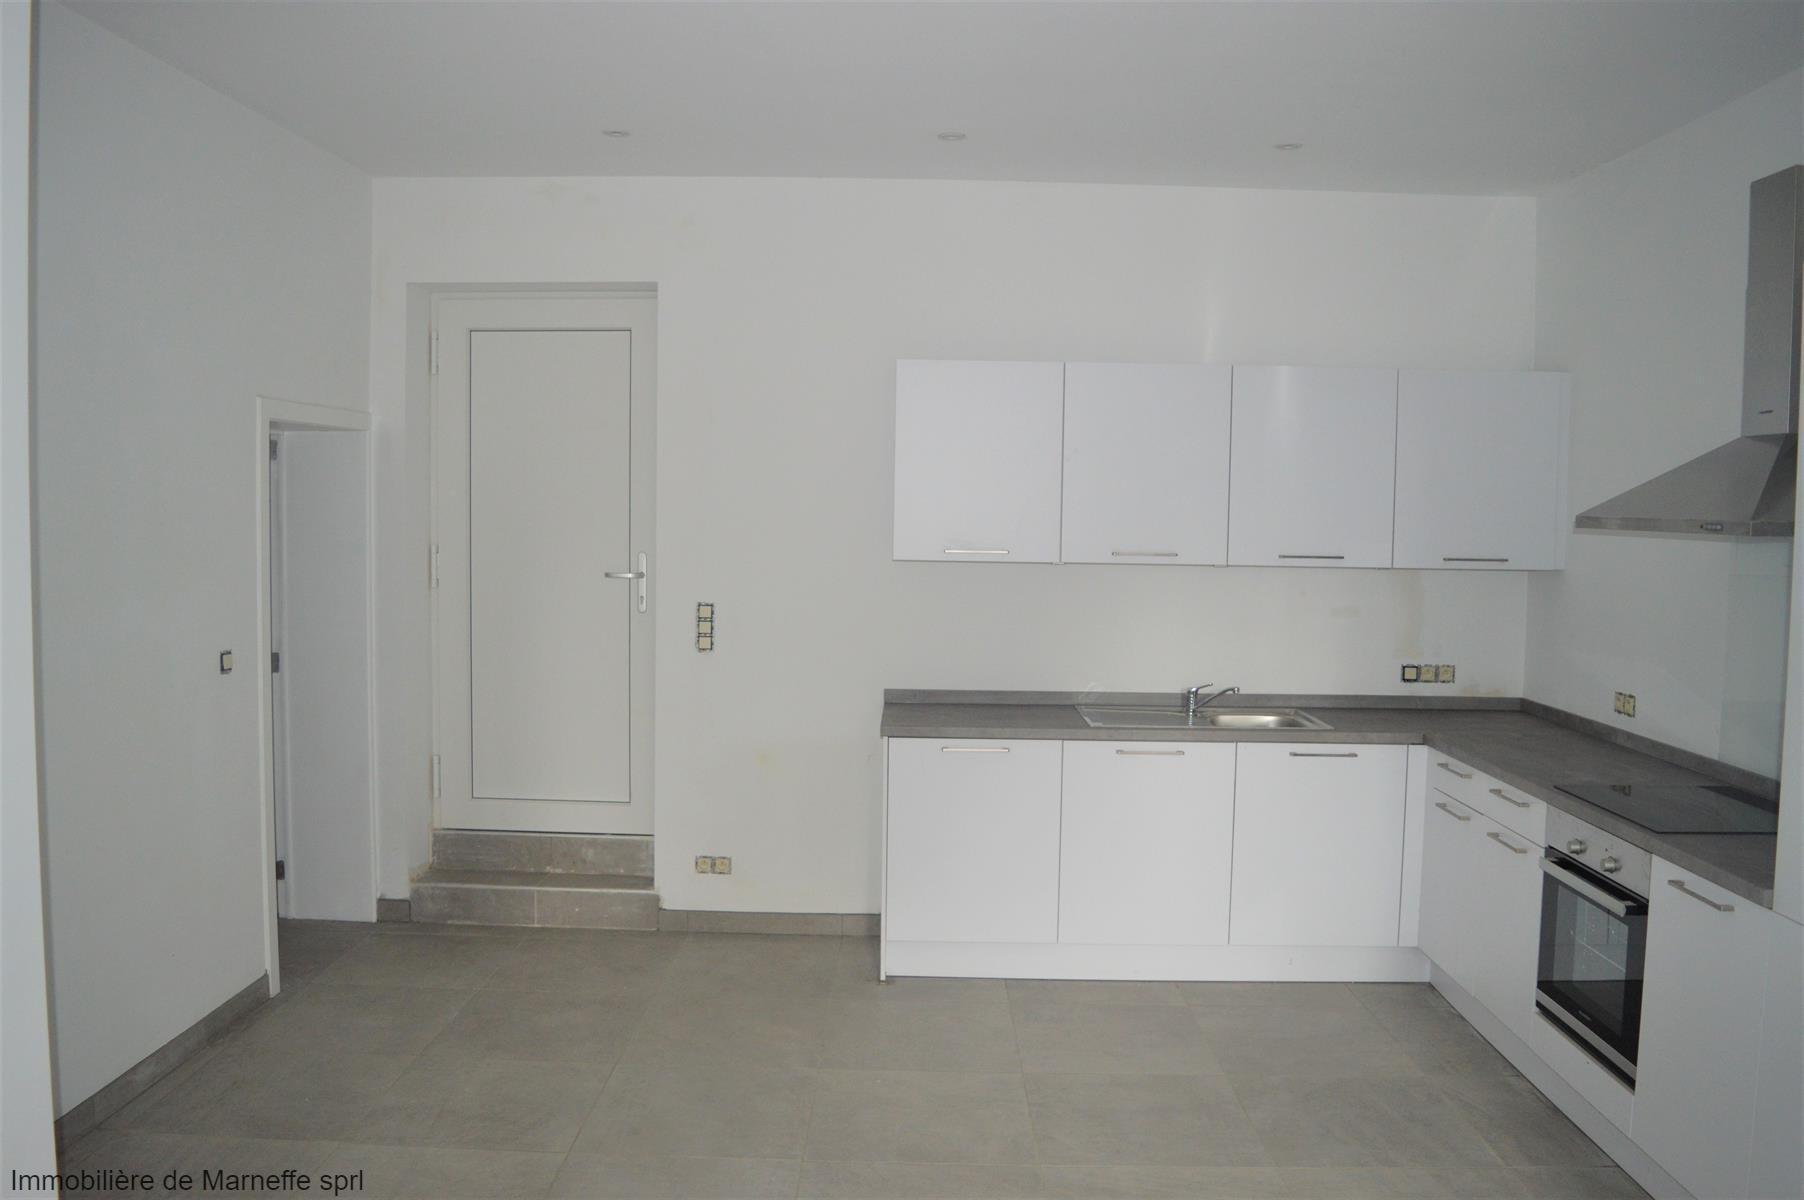 Maison - Verlaine - #4442592-4